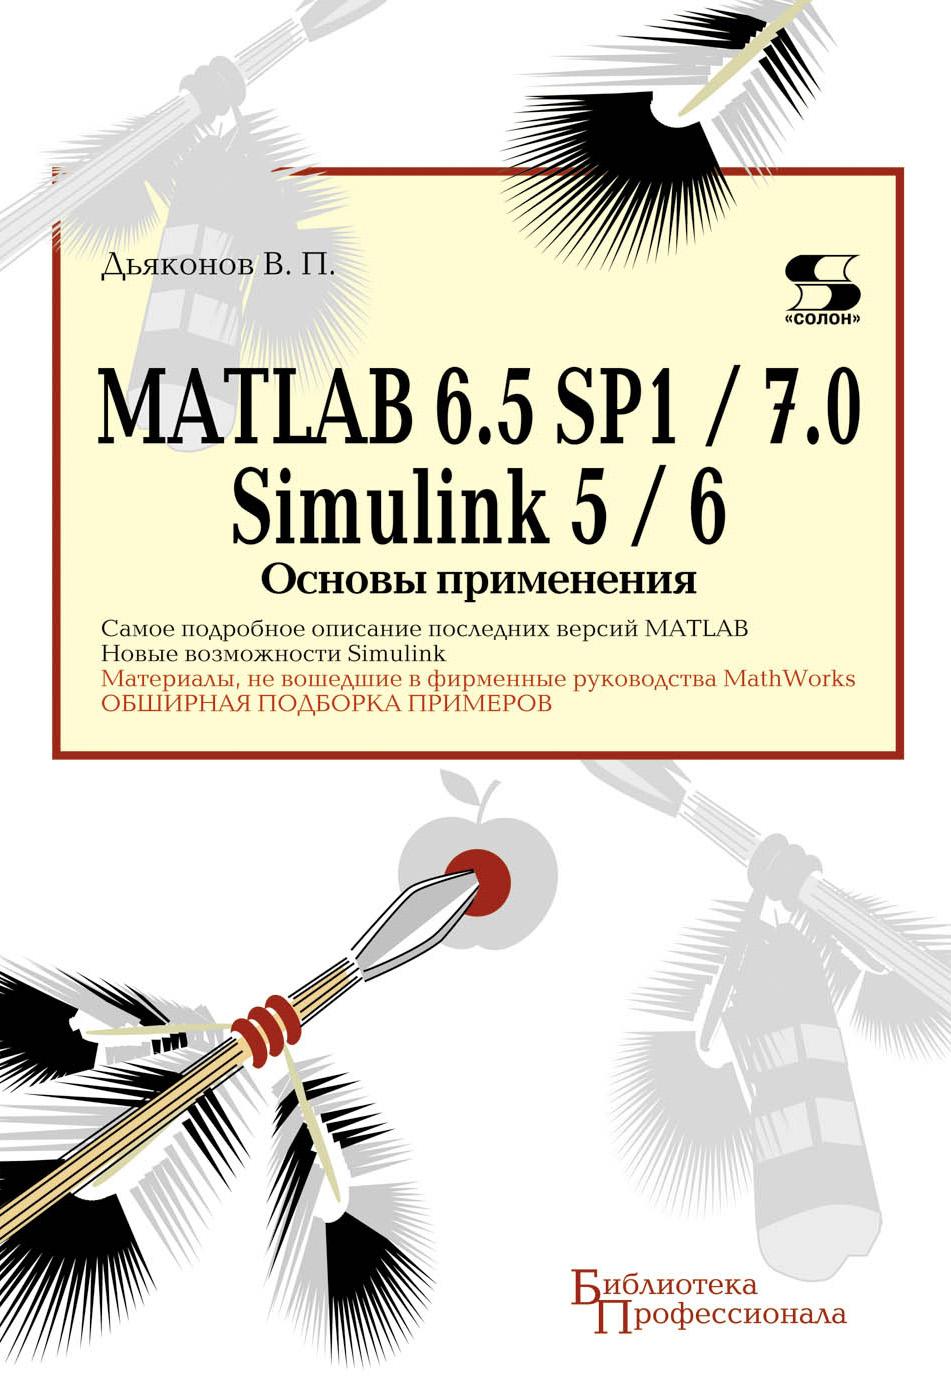 В. П. Дьяконов MATLAB 6.5 SP1/7.0 + Simulink 5/6. Основы применения в п дьяконов matlab r2006 2007 2008 simulink 5 6 7 основы применения